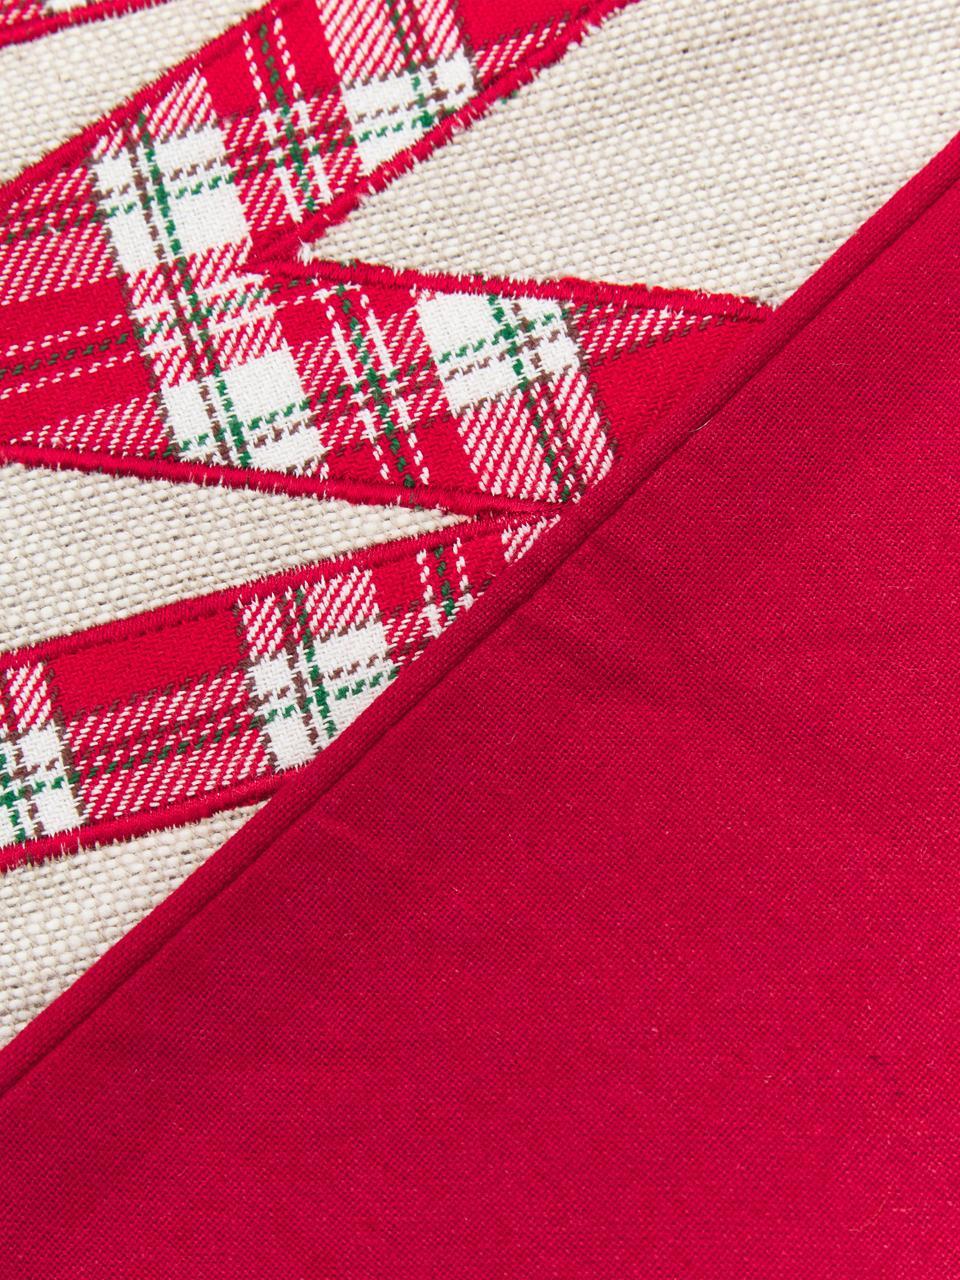 Housse de coussin 45x45 Noël Wreath, Beige, rouge, vert, bordure passepoilée: rouge